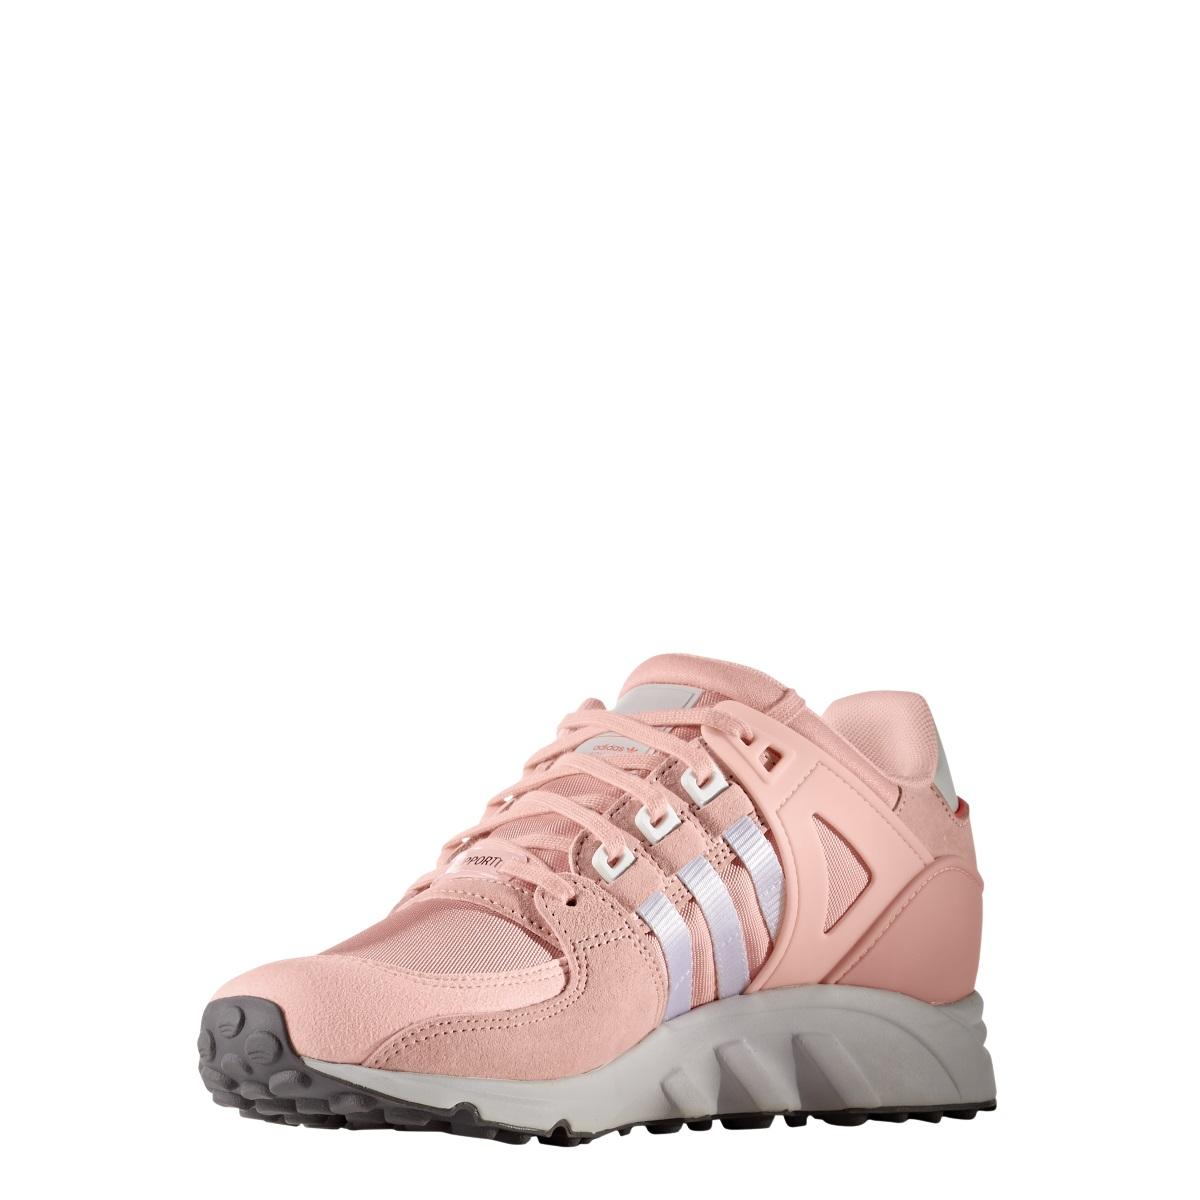 adidas originals eqt support rf sneaker damen schuhe coral. Black Bedroom Furniture Sets. Home Design Ideas